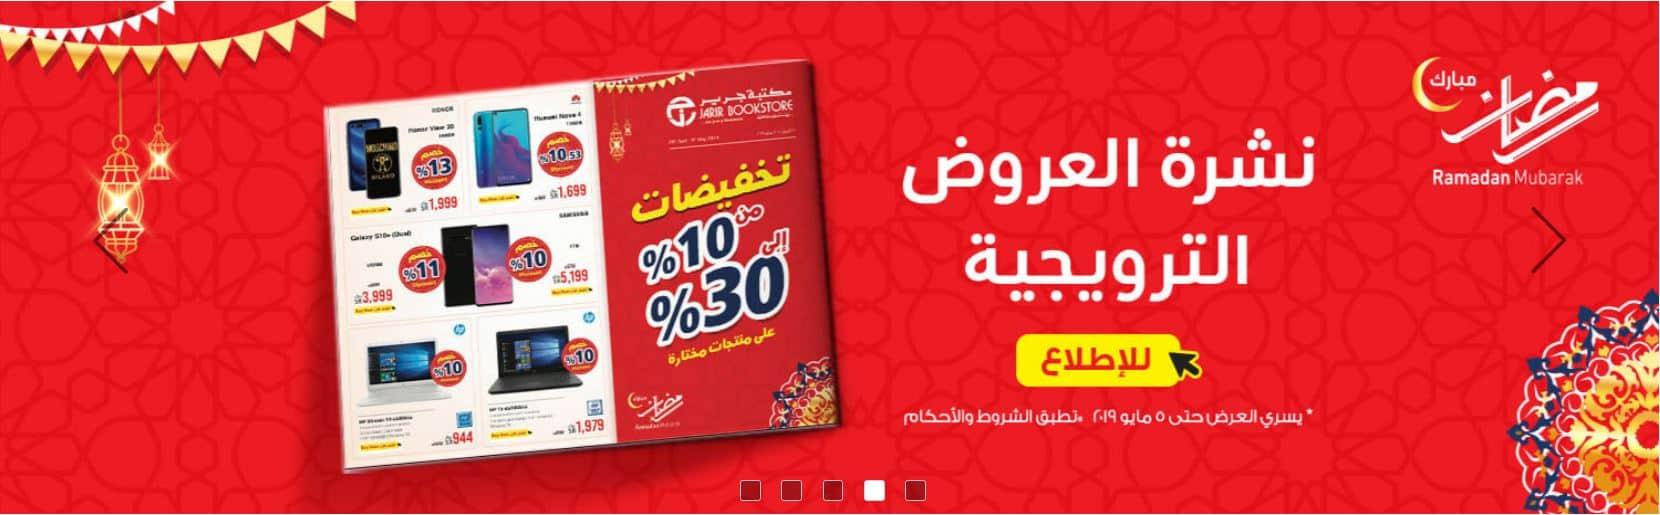 عروض رمضان في جرير النشرة الترويجية